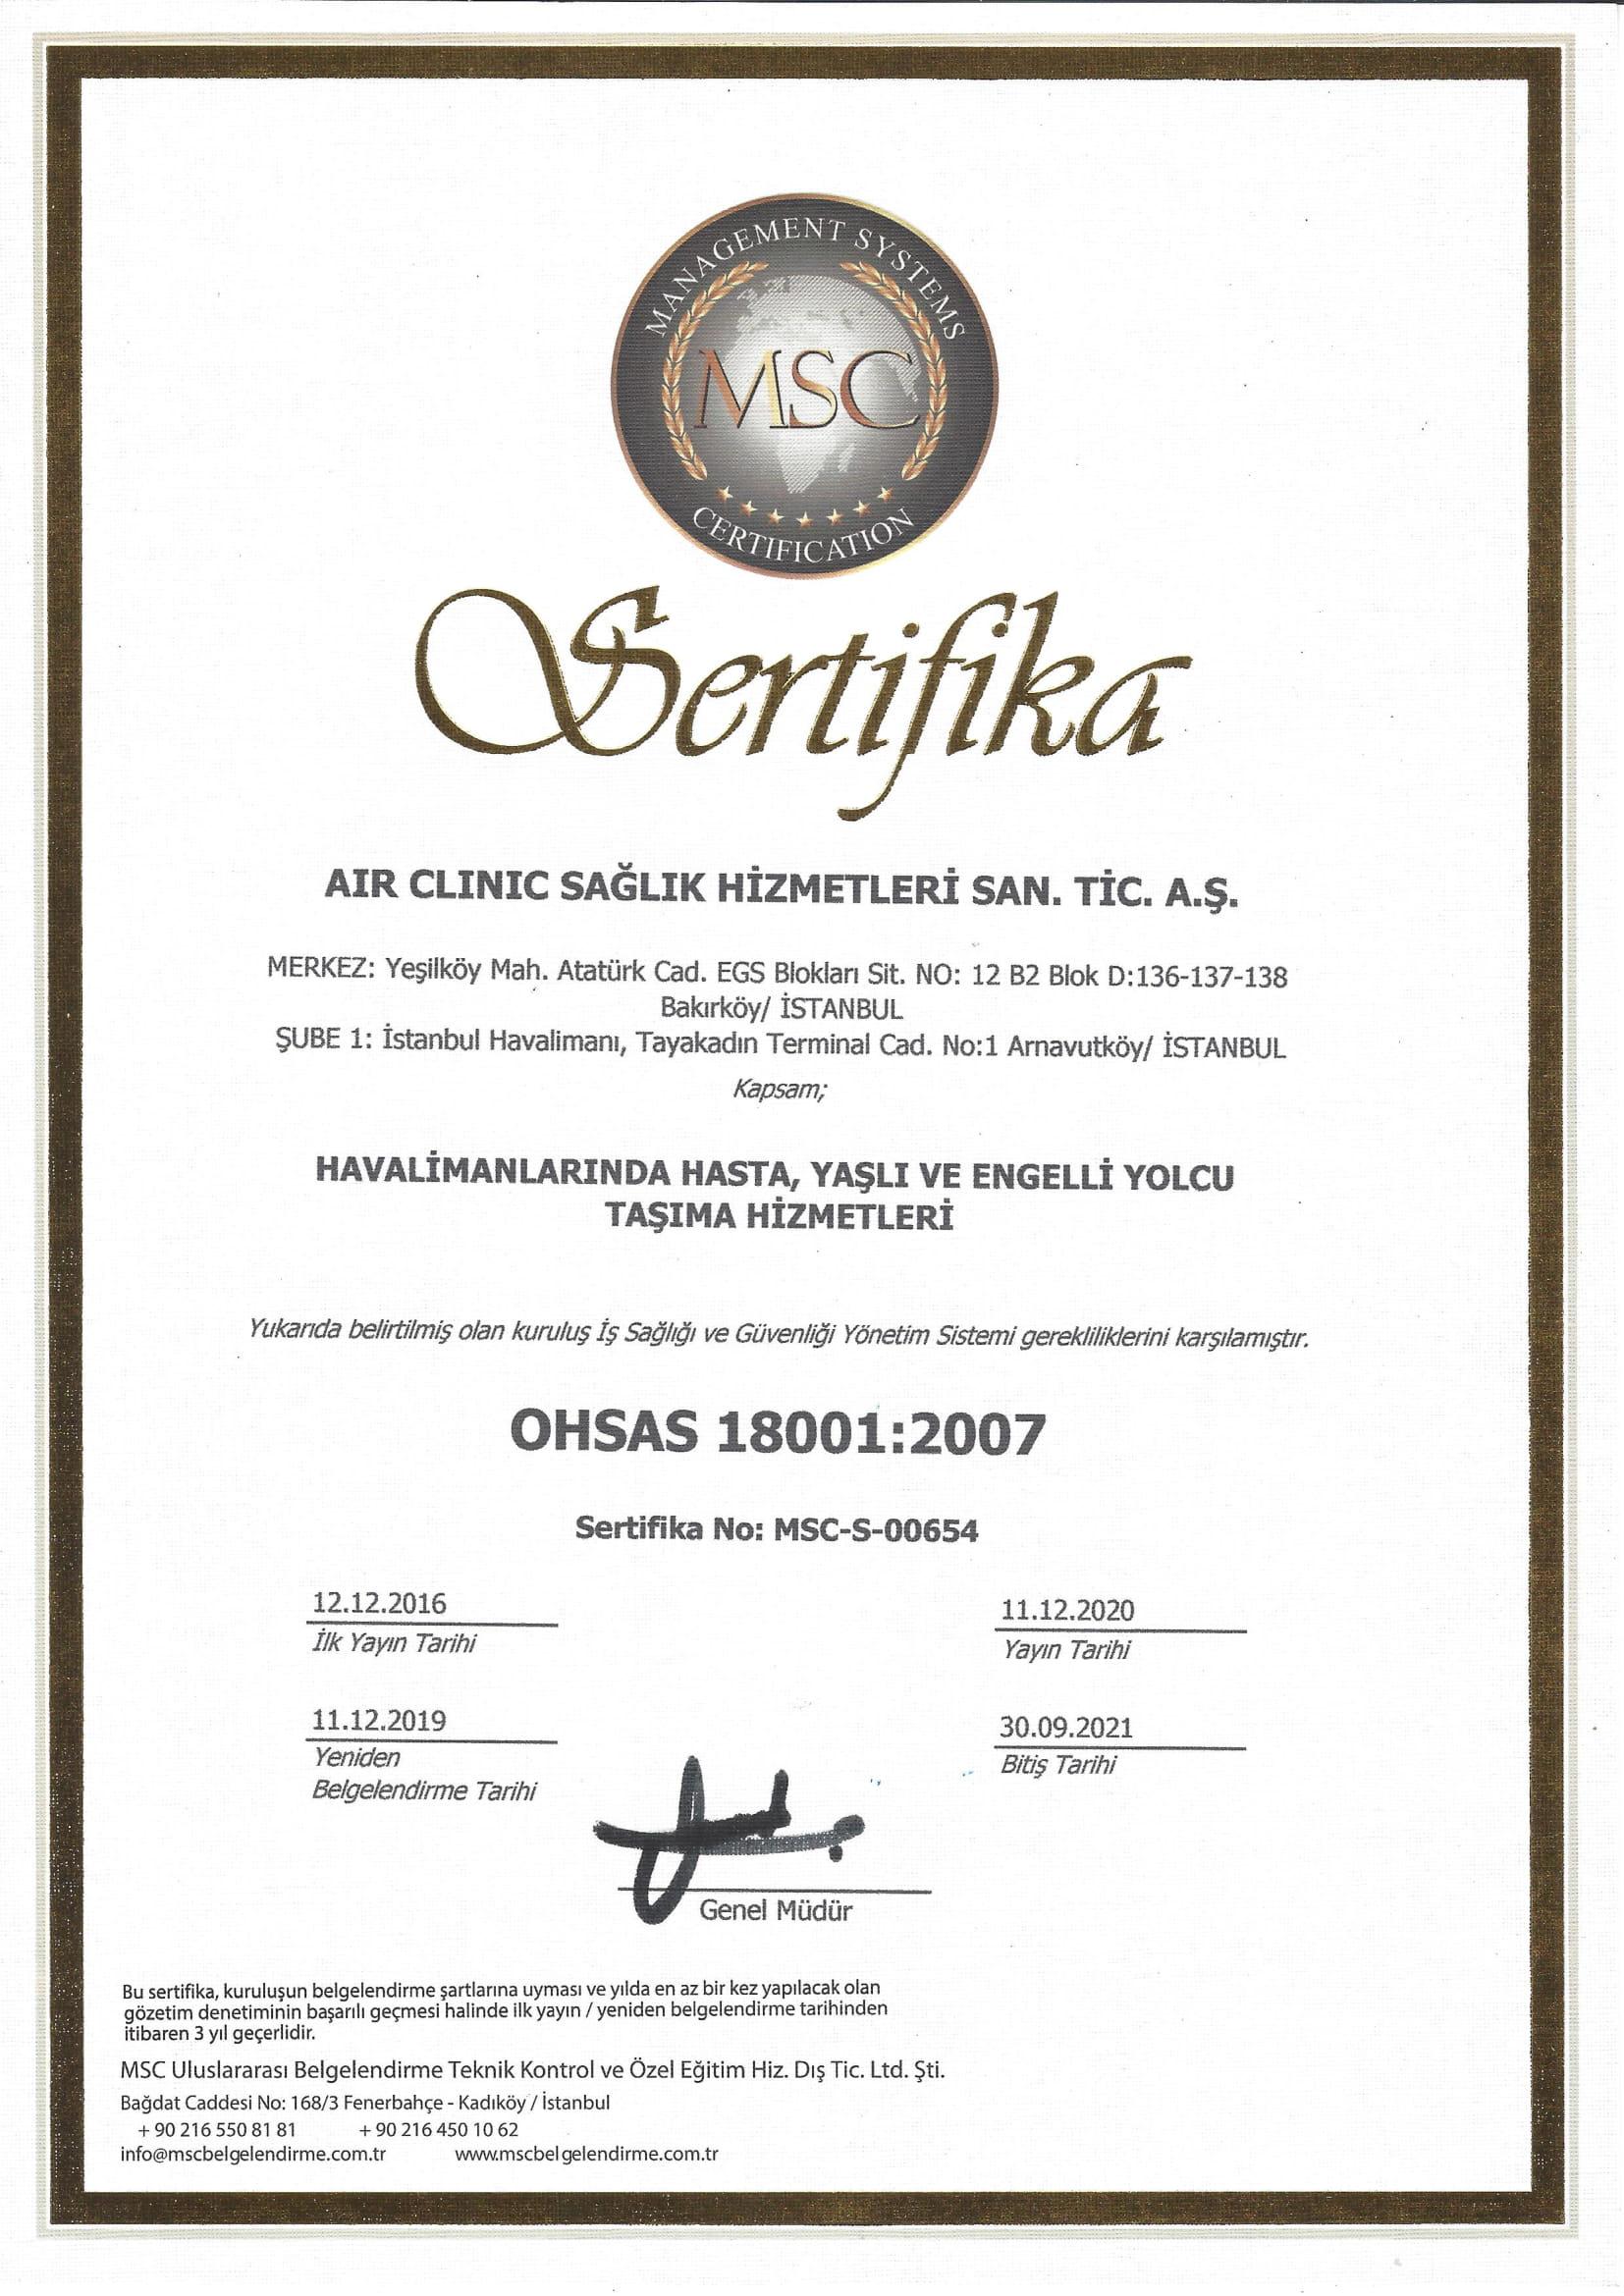 air-clinic-ohsas-180012007-1-2021 Sertifikalar